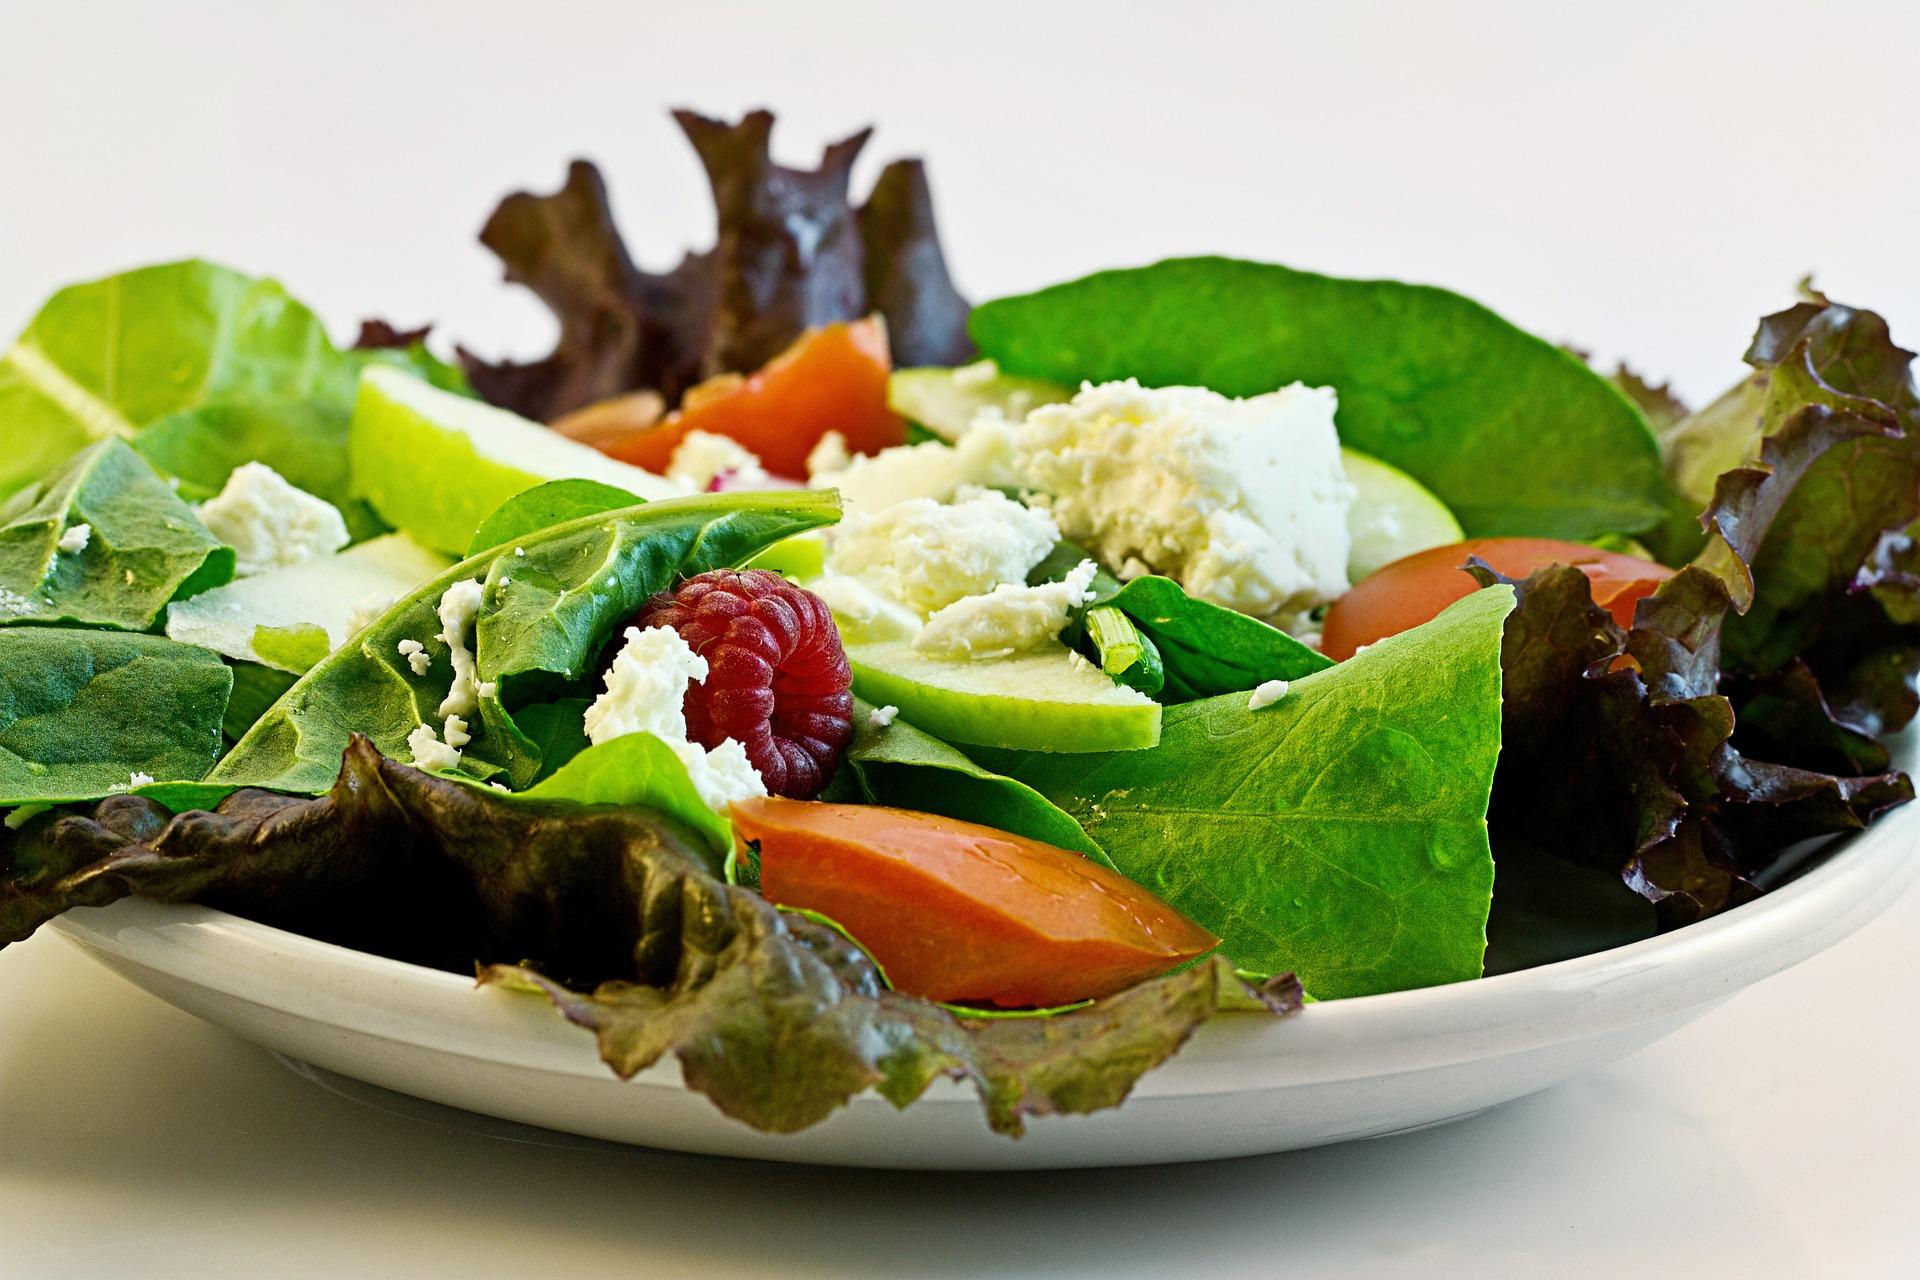 女性の筋トレダイエットの食事メニューはマゴワヤサシイに注目!